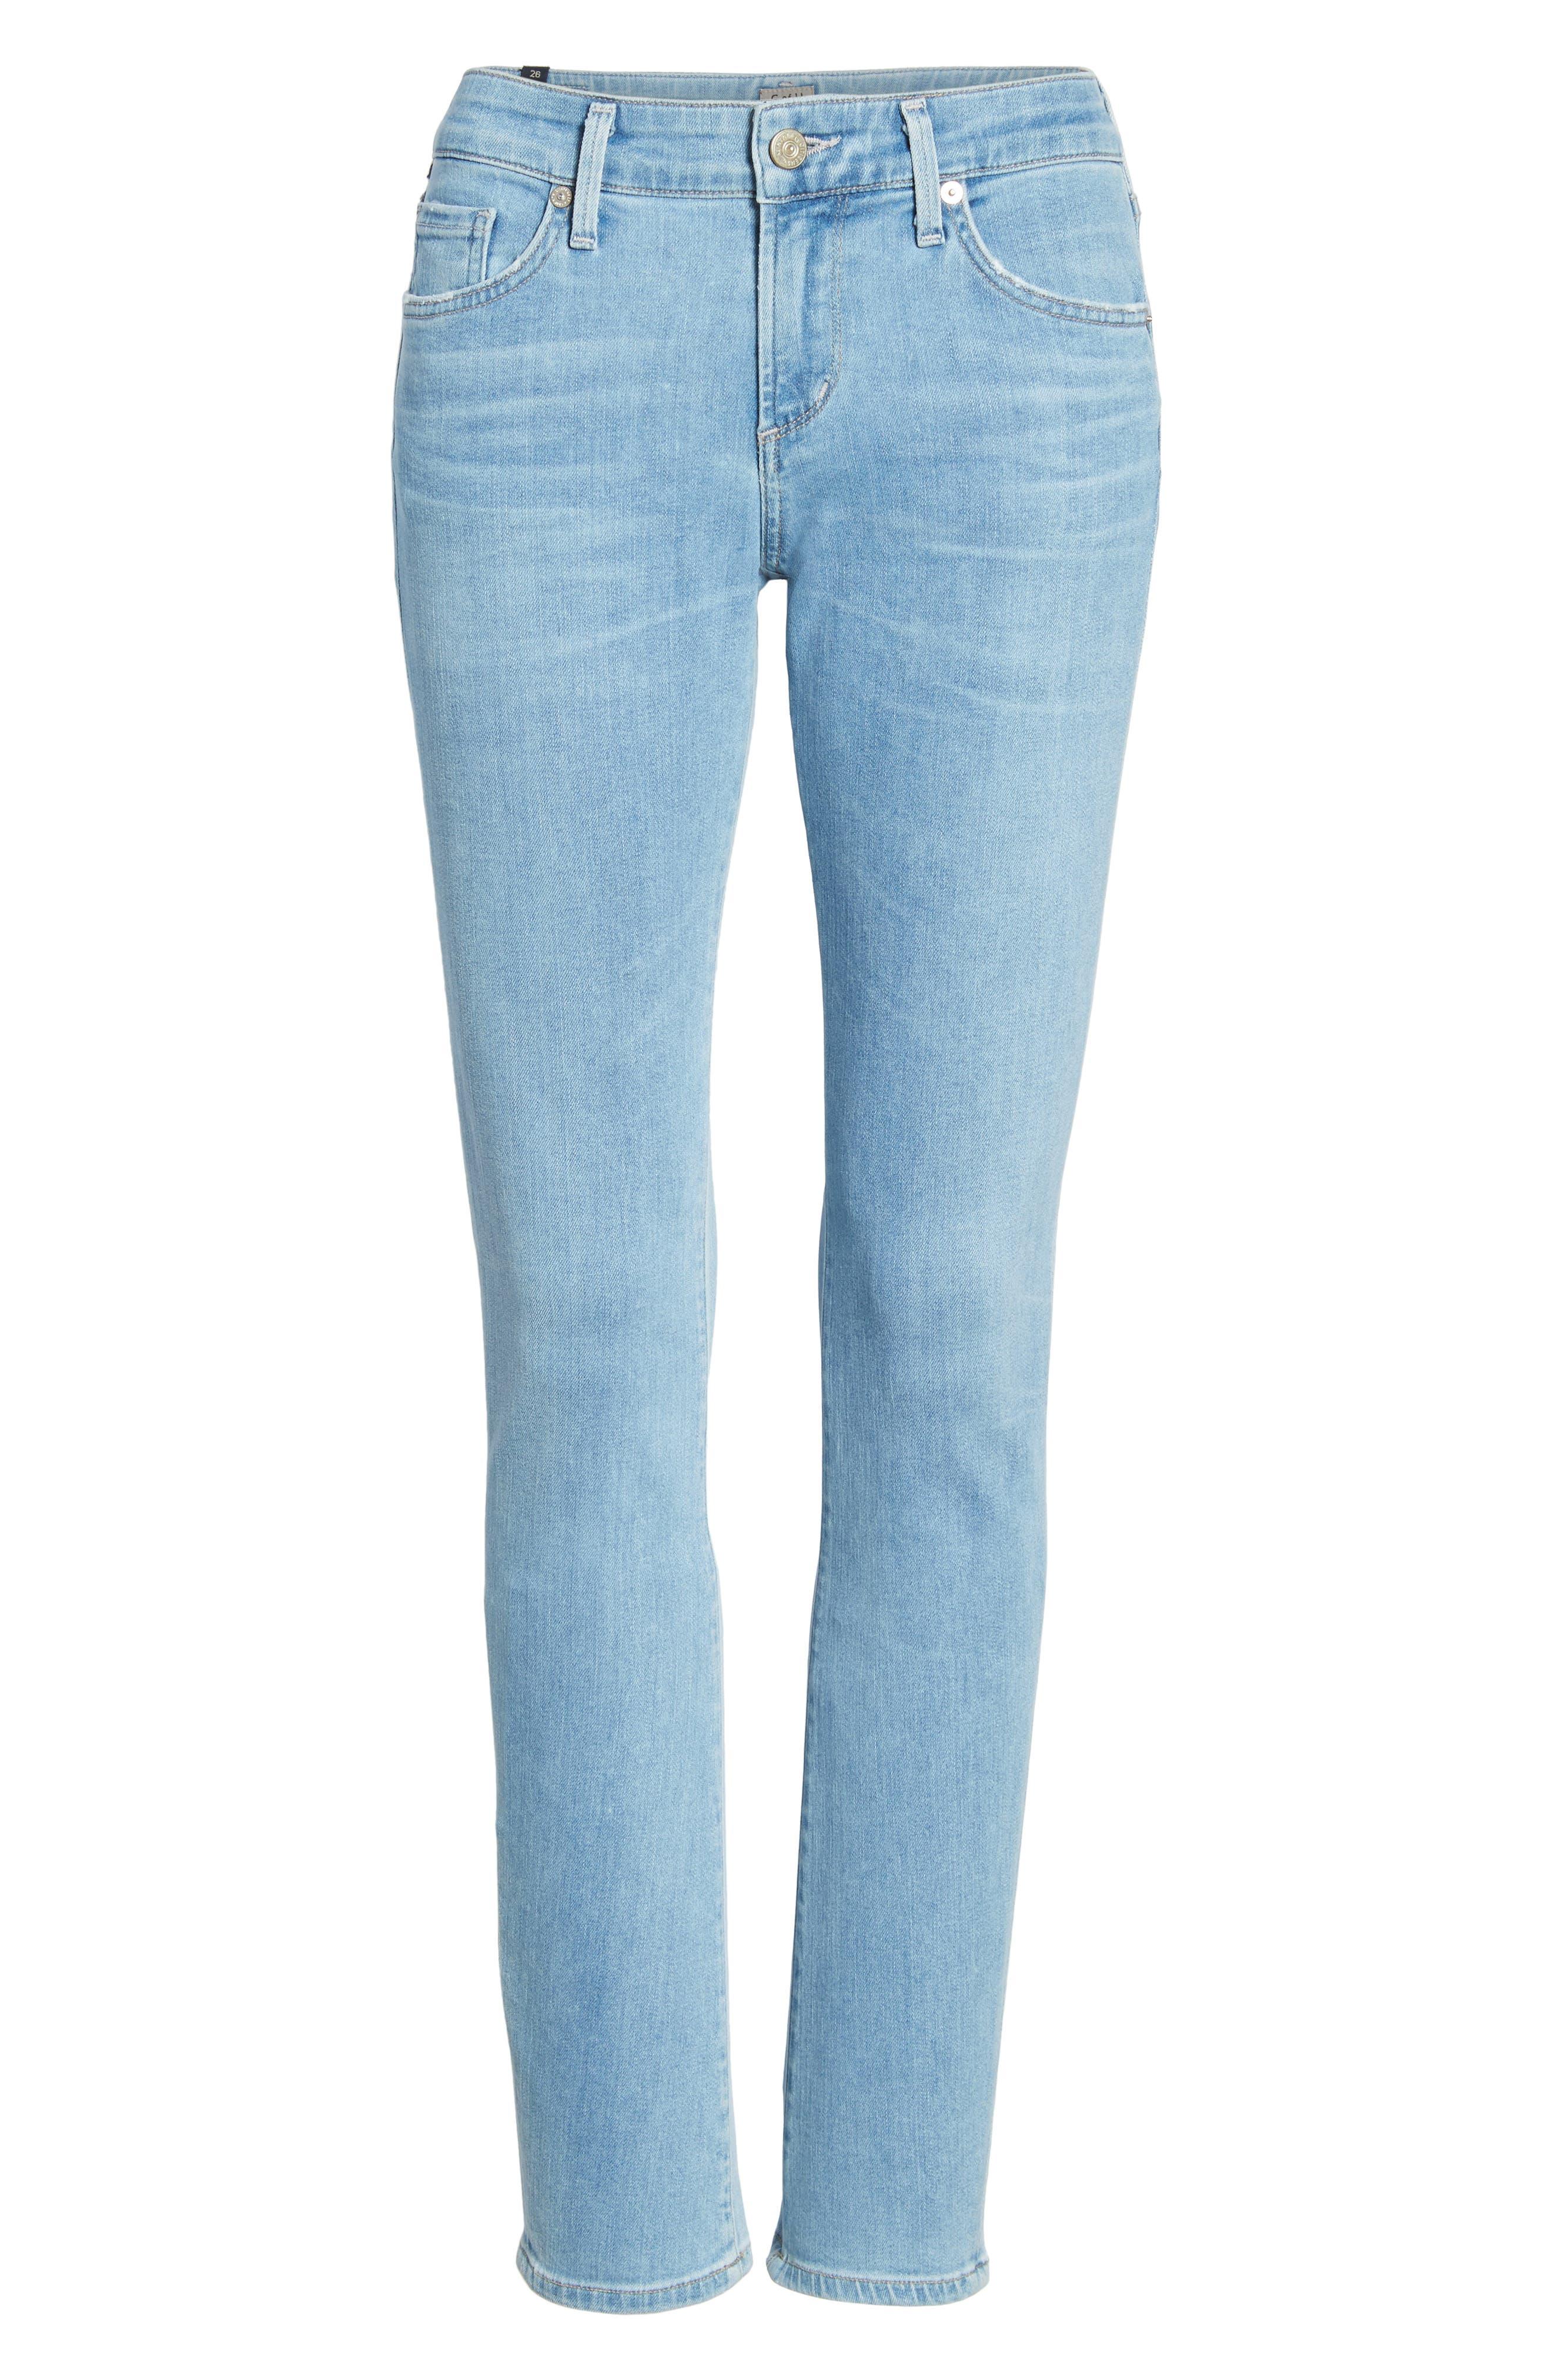 Arielle Slim Jeans,                             Alternate thumbnail 7, color,                             455